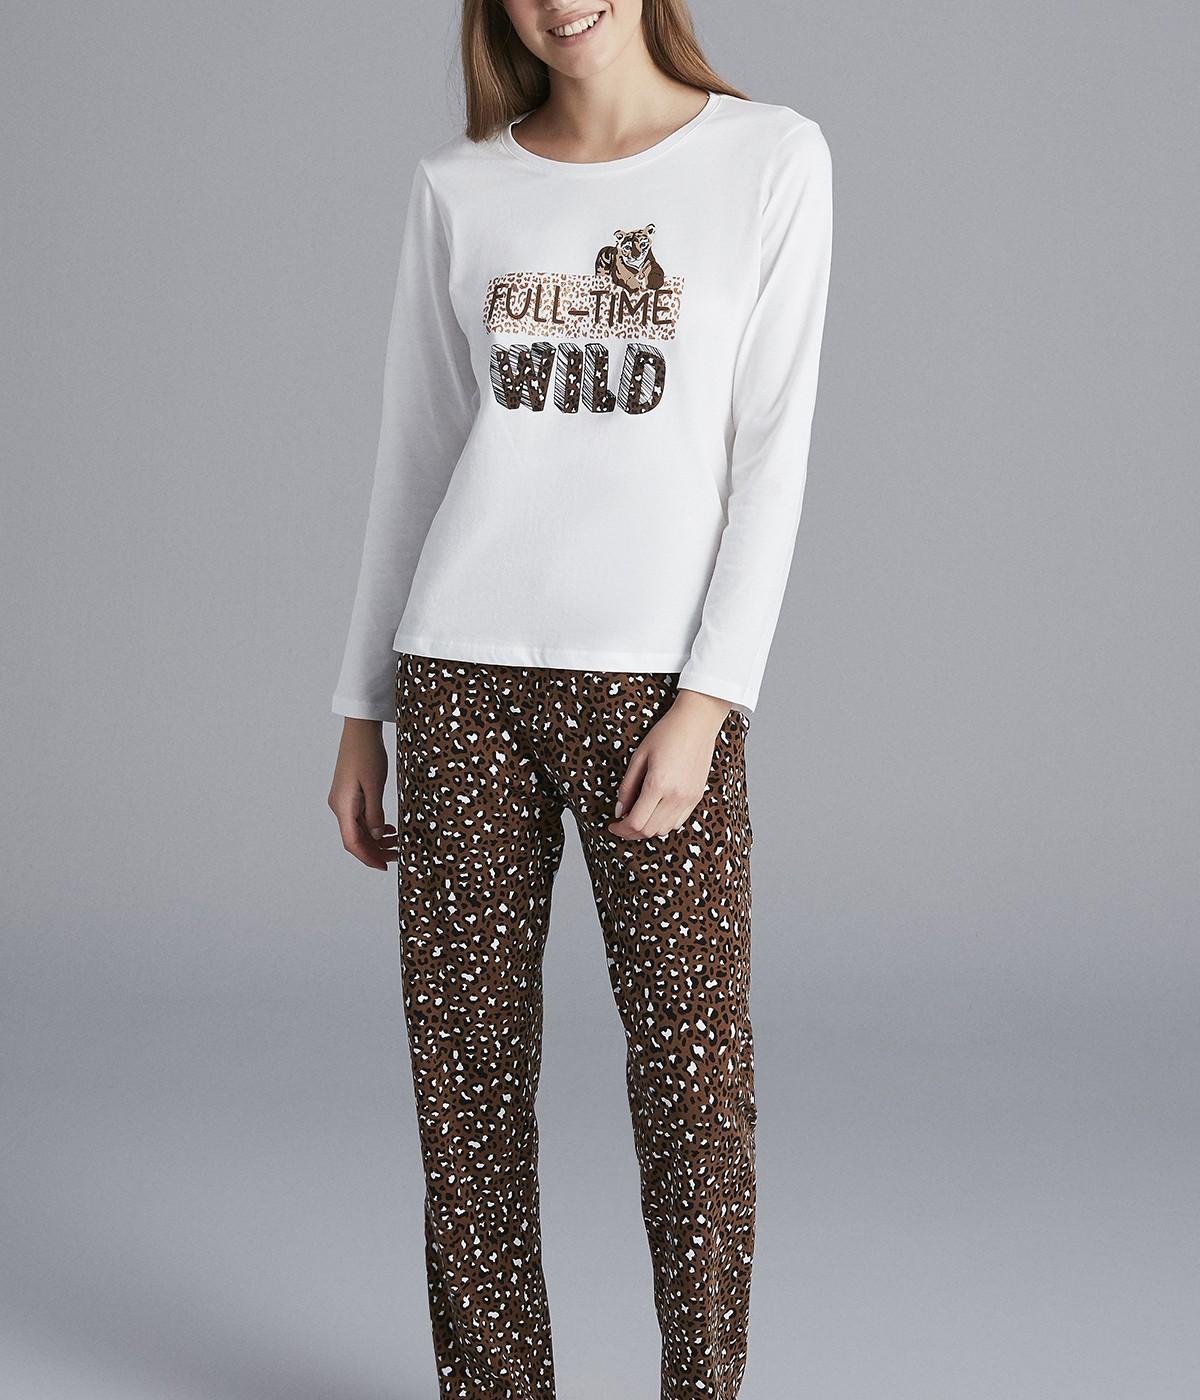 Wild Leo Pant Set